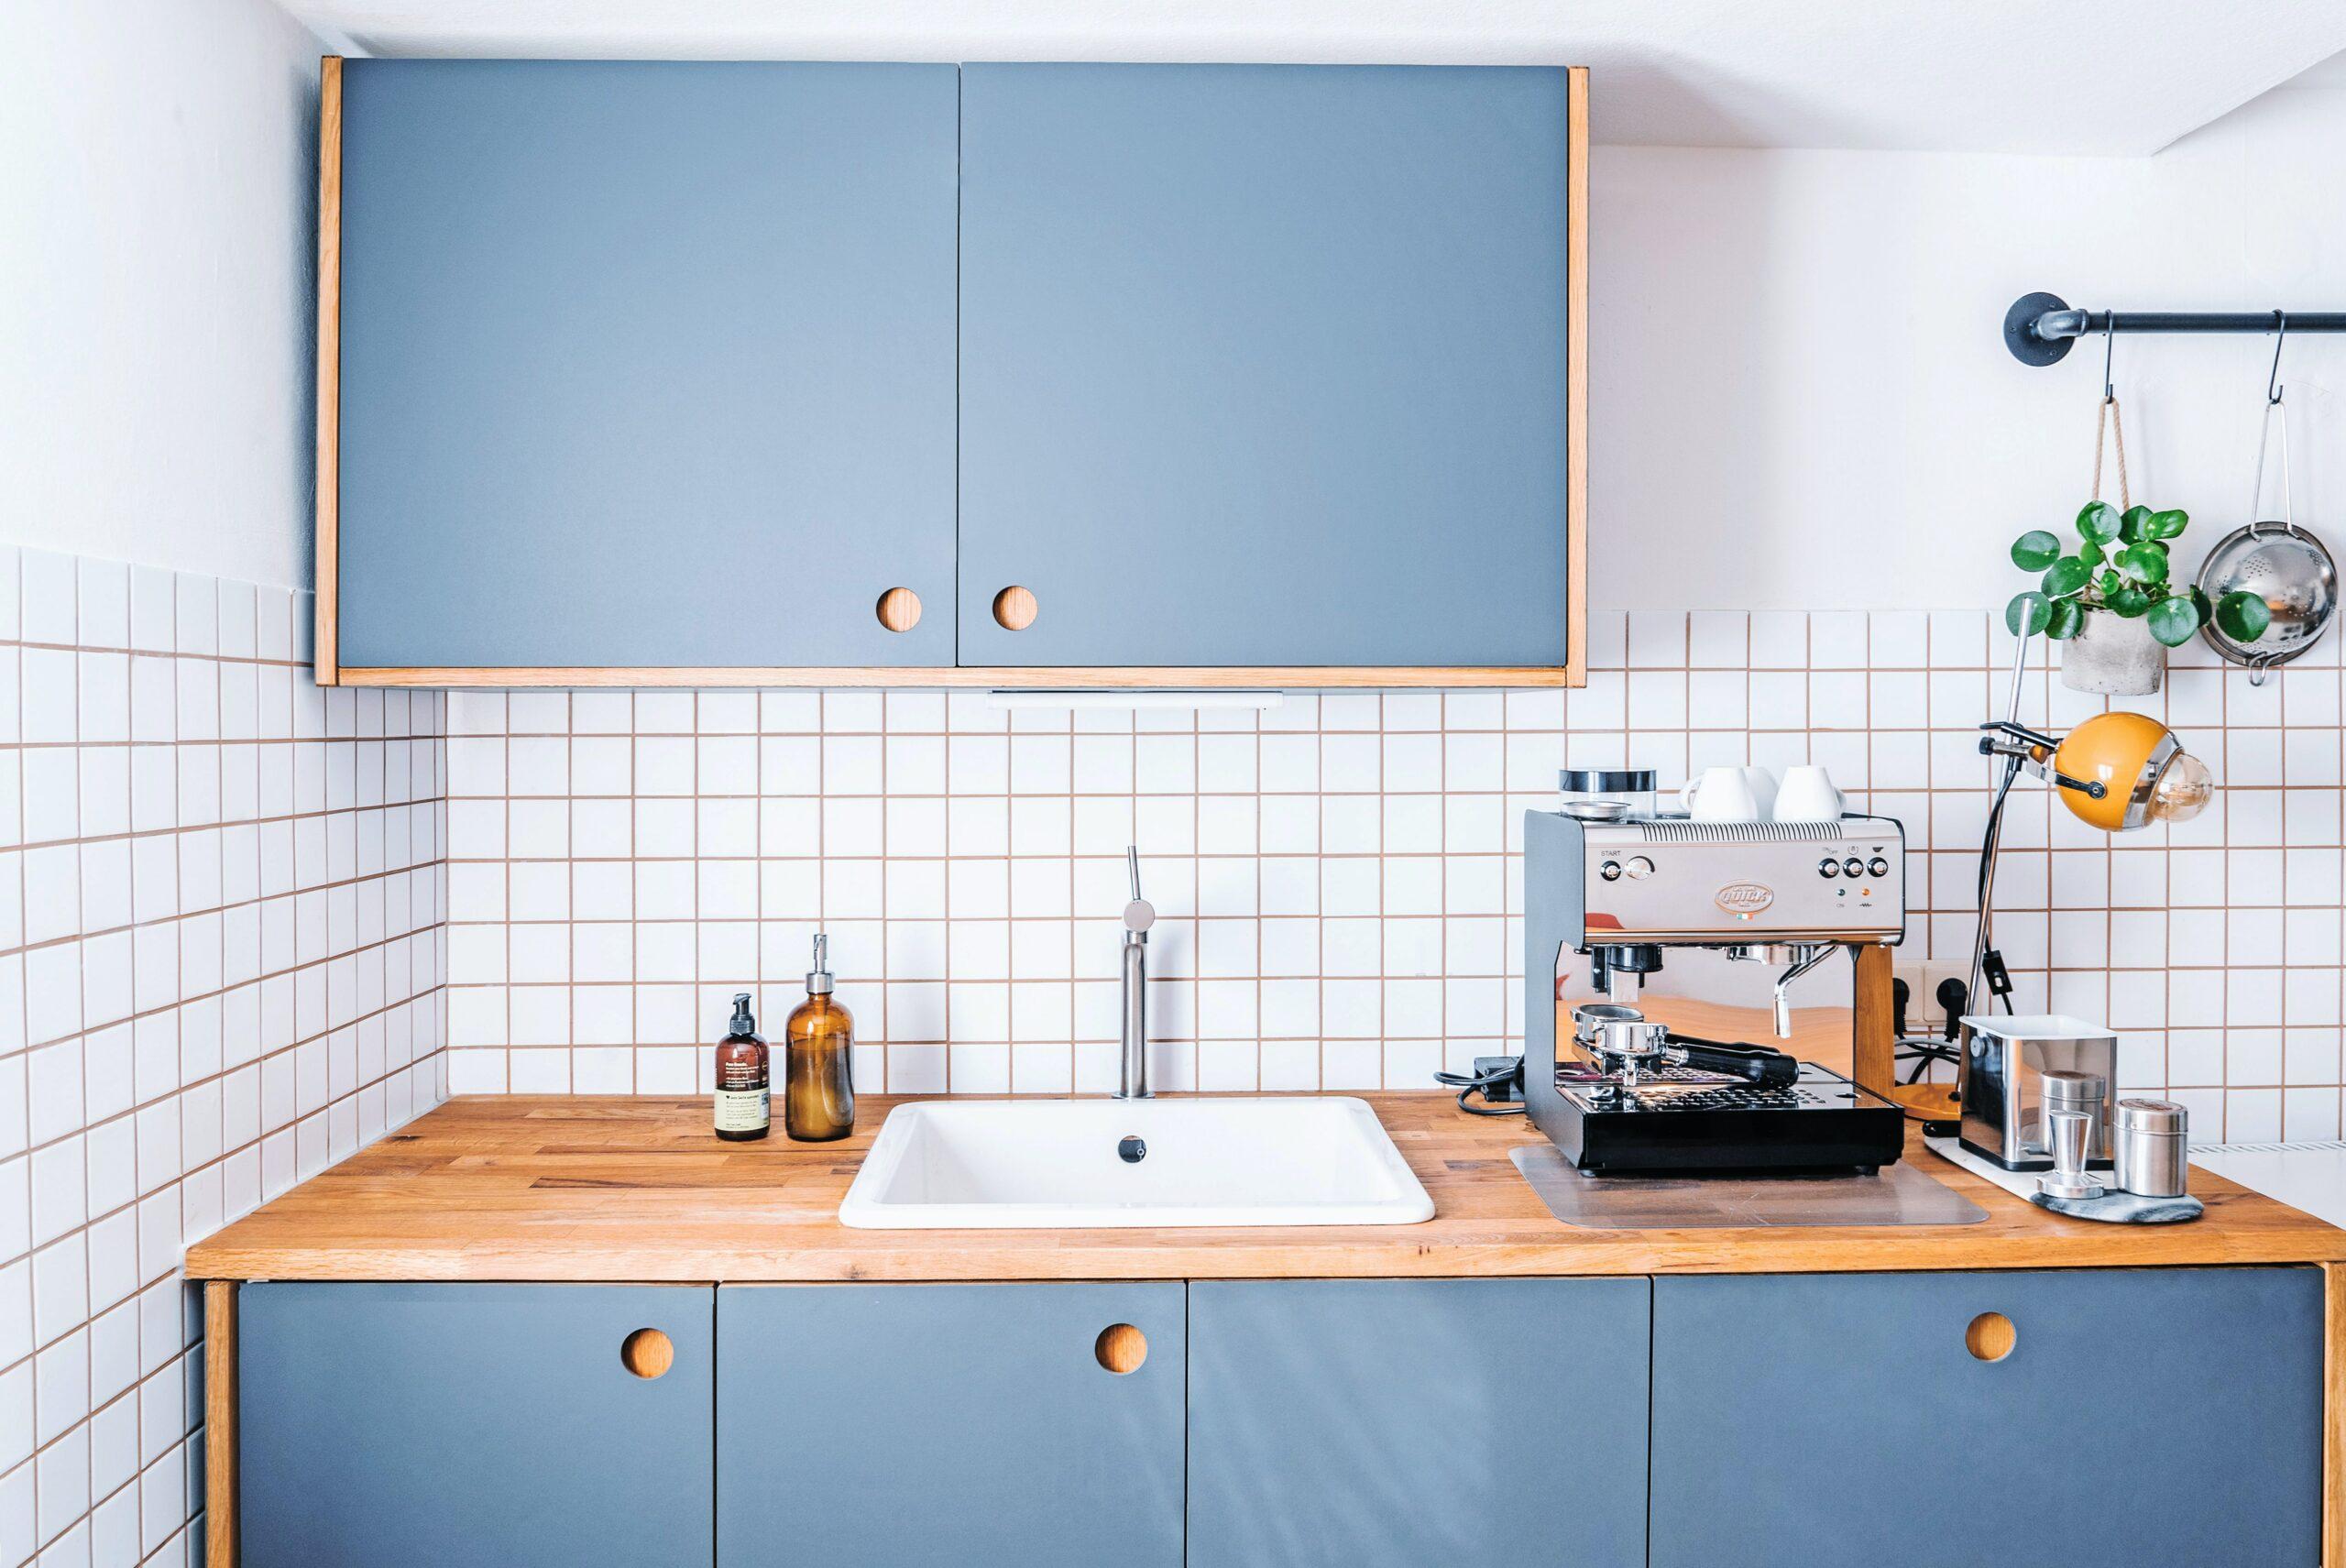 Najlepsza farba do płytek kuchennych